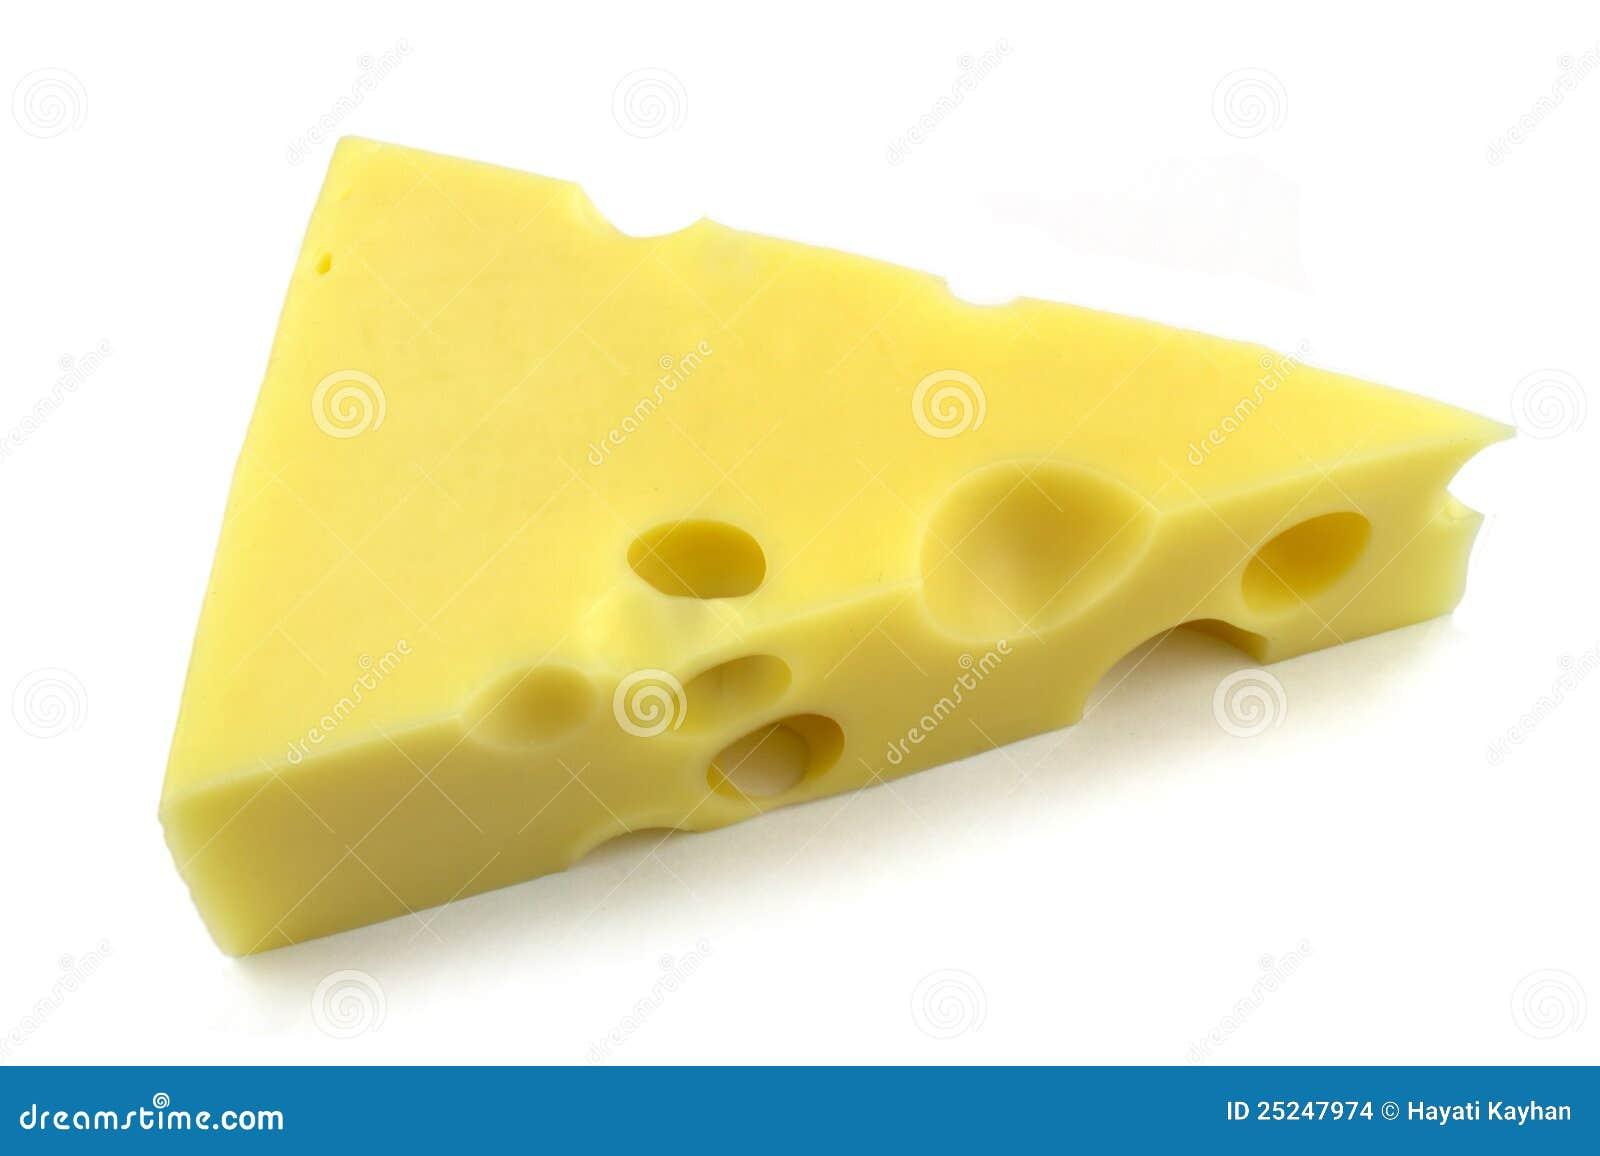 swiss emmental cheese on white background mr no pr no 2 235 1